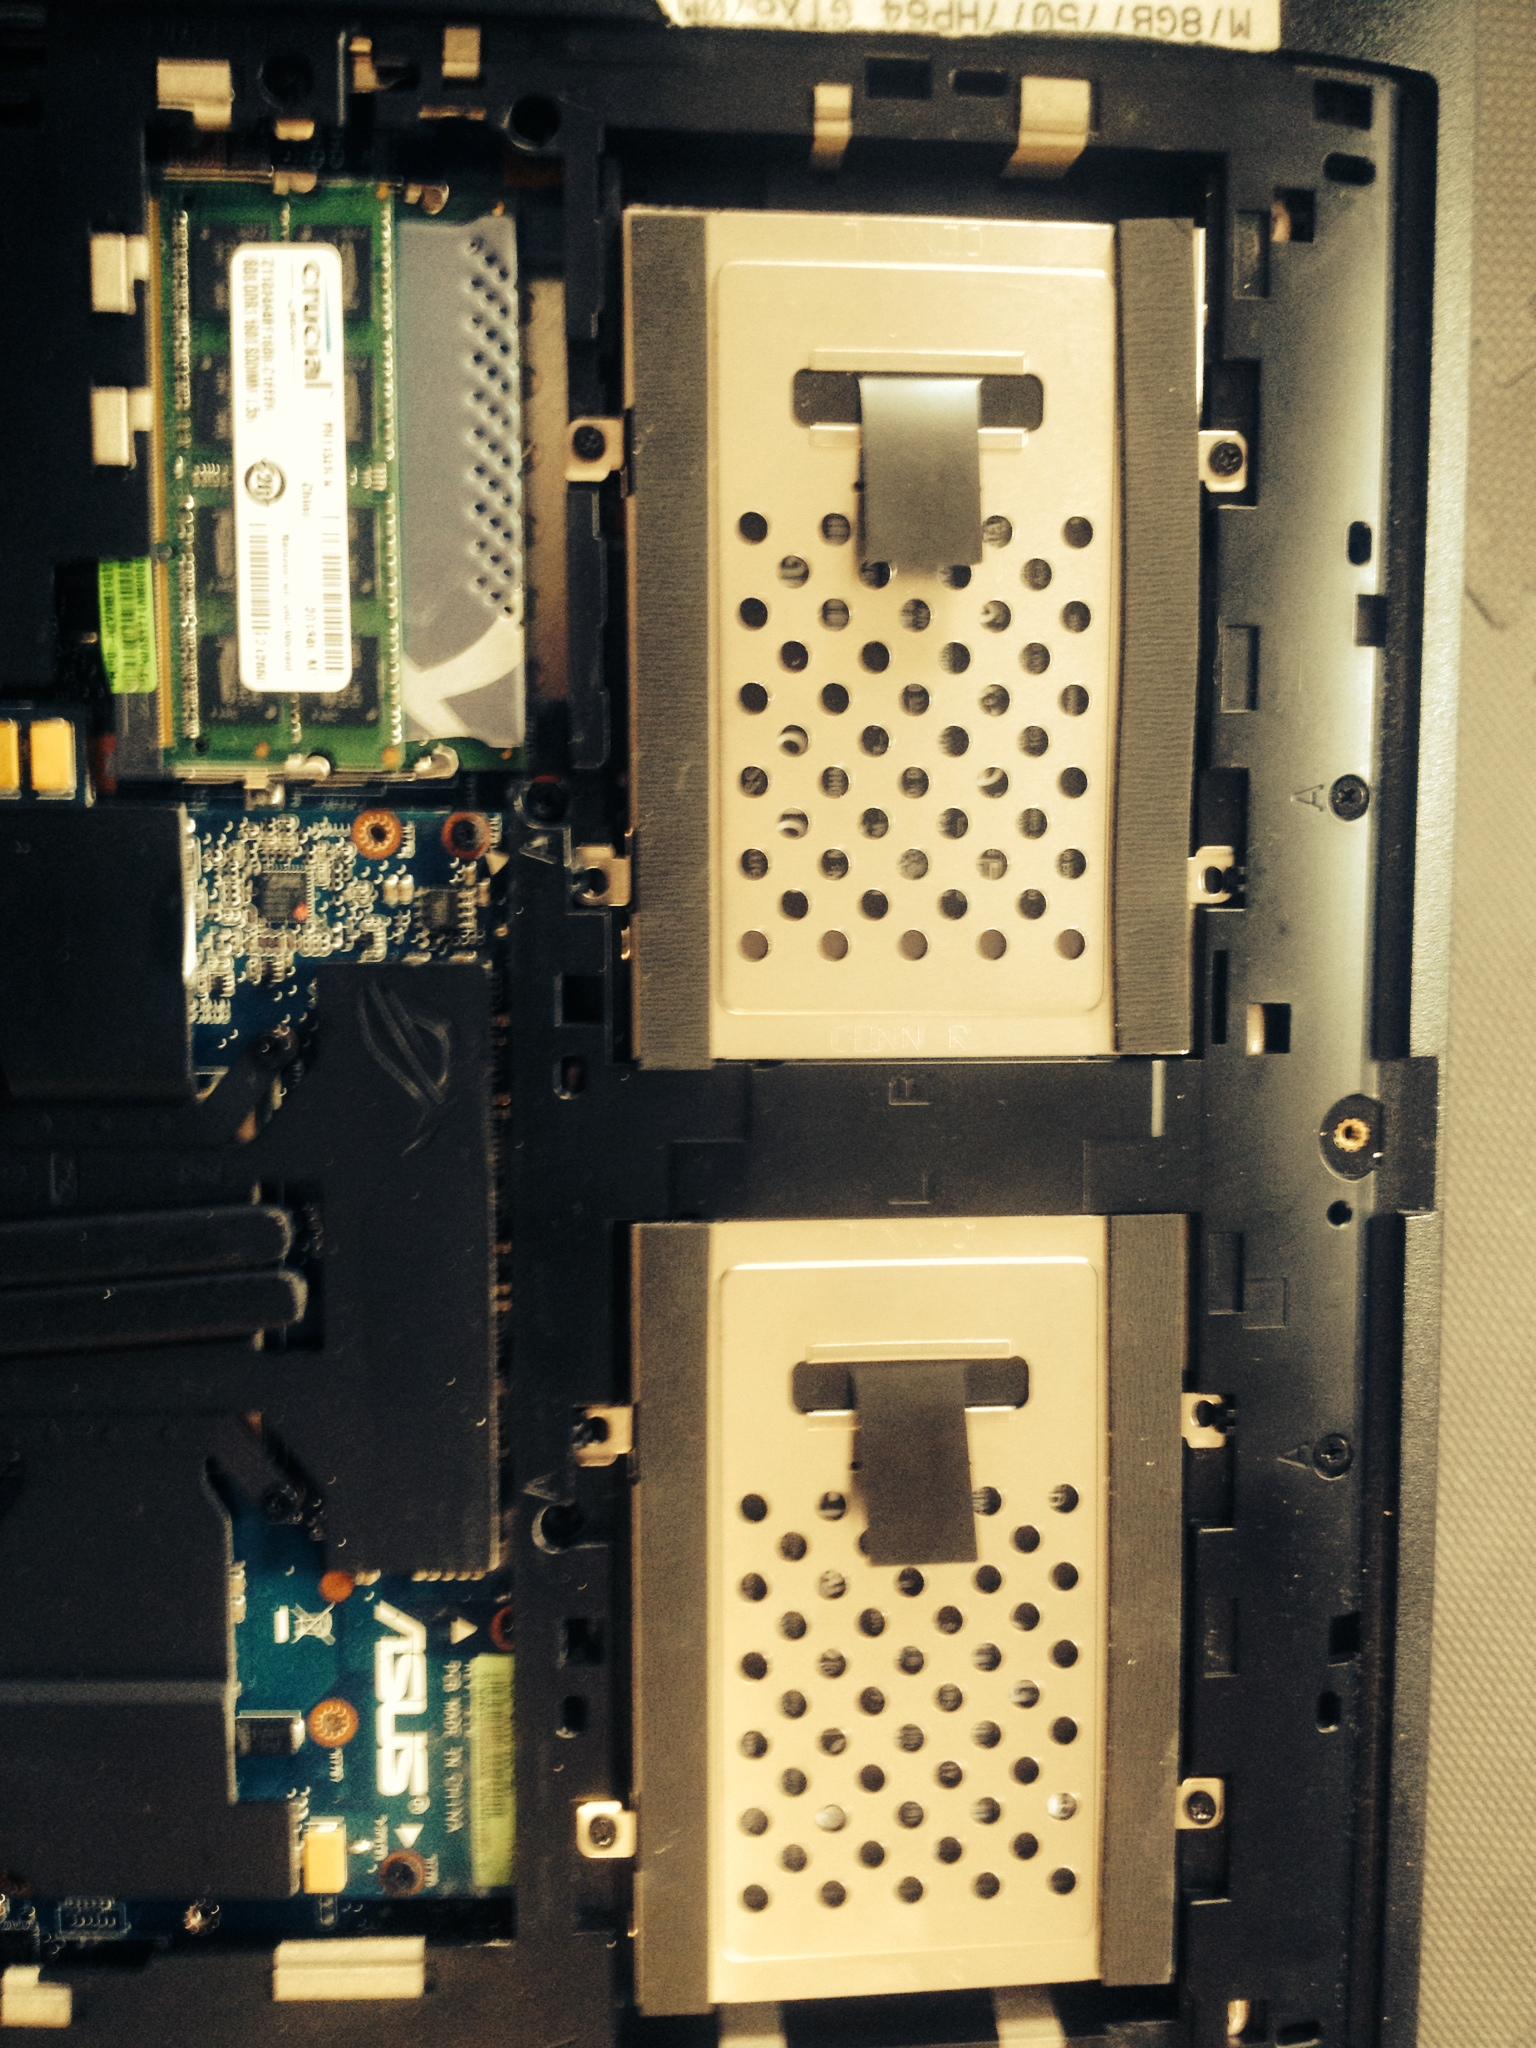 RAID 0 - ASUS G75WV RAID0 HM77 2x SAMSUNG 840 EVO 250GB